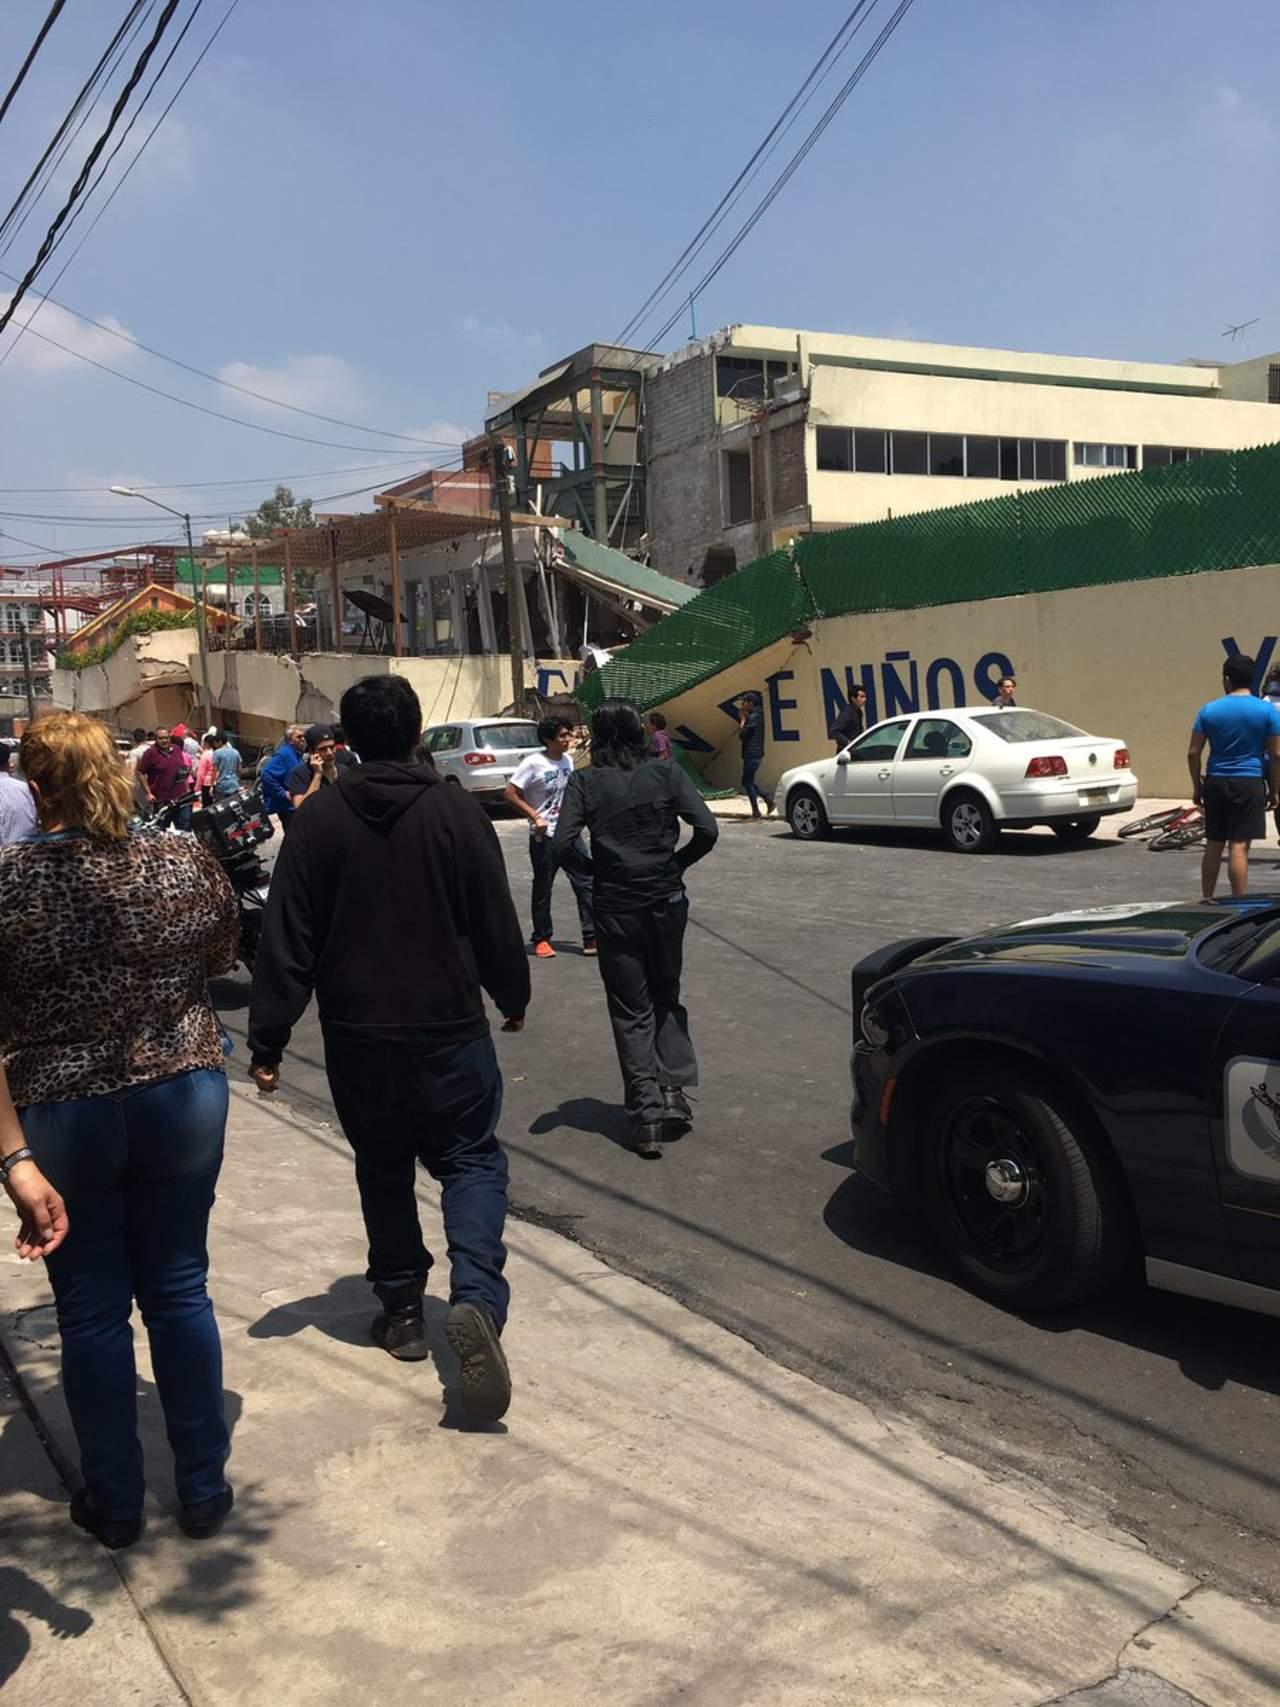 Confirma EPN muerte de 20 niños en derrumbe de escuela